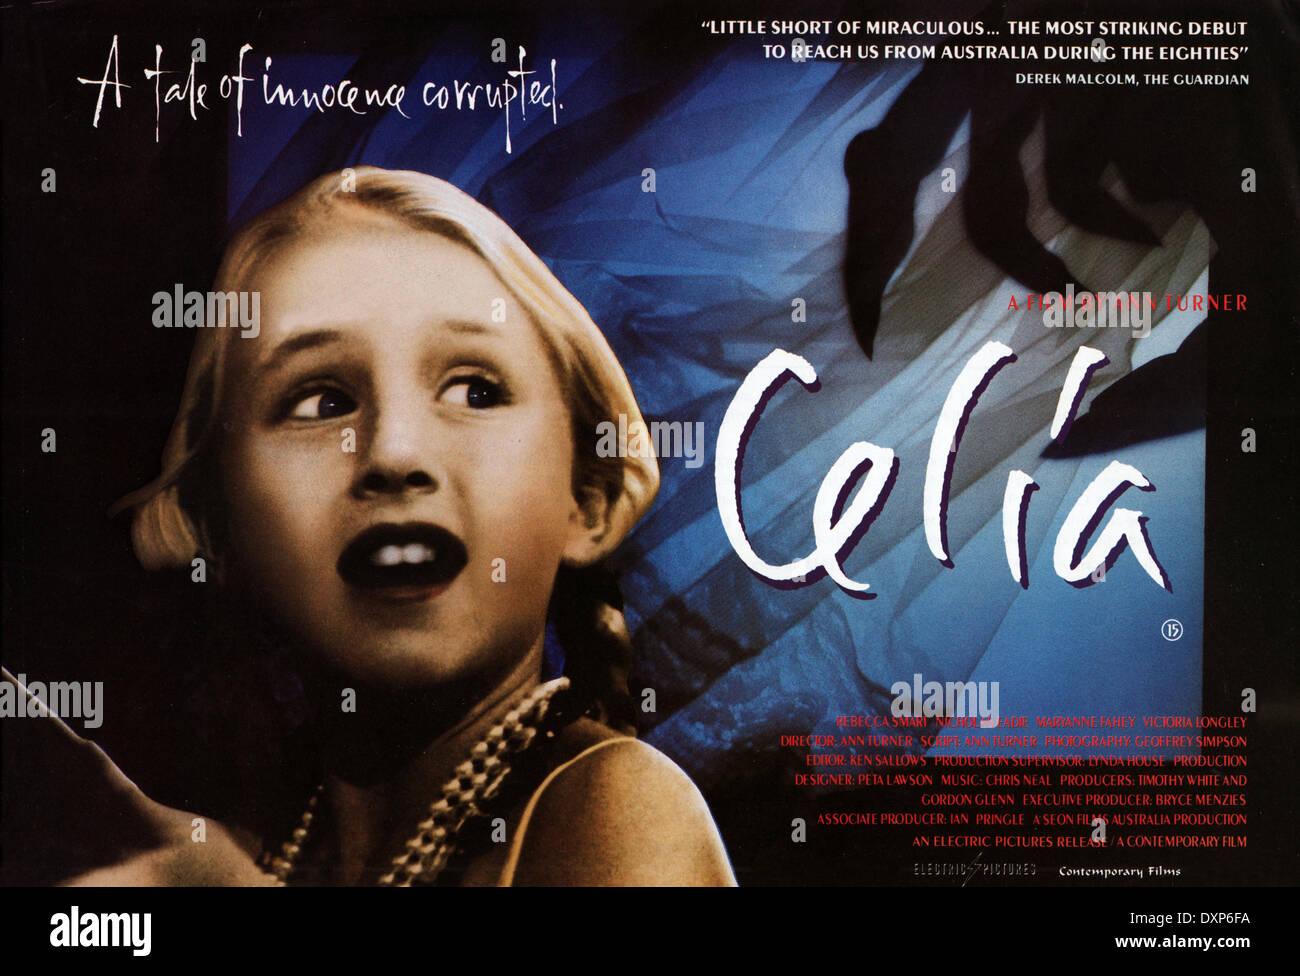 Cara DeLizia,Nilla Pizzi (1919?011) Hot image Jessica Parker Kennedy,Sharon Pollock